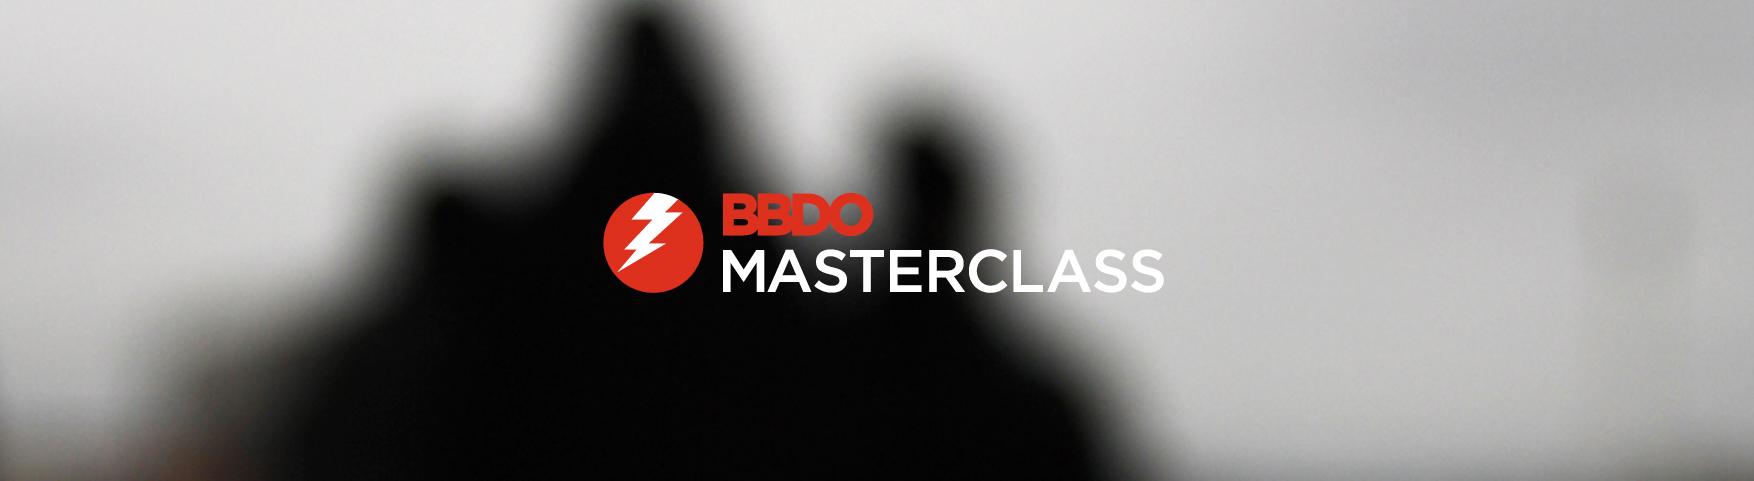 bbdo_logo_mc